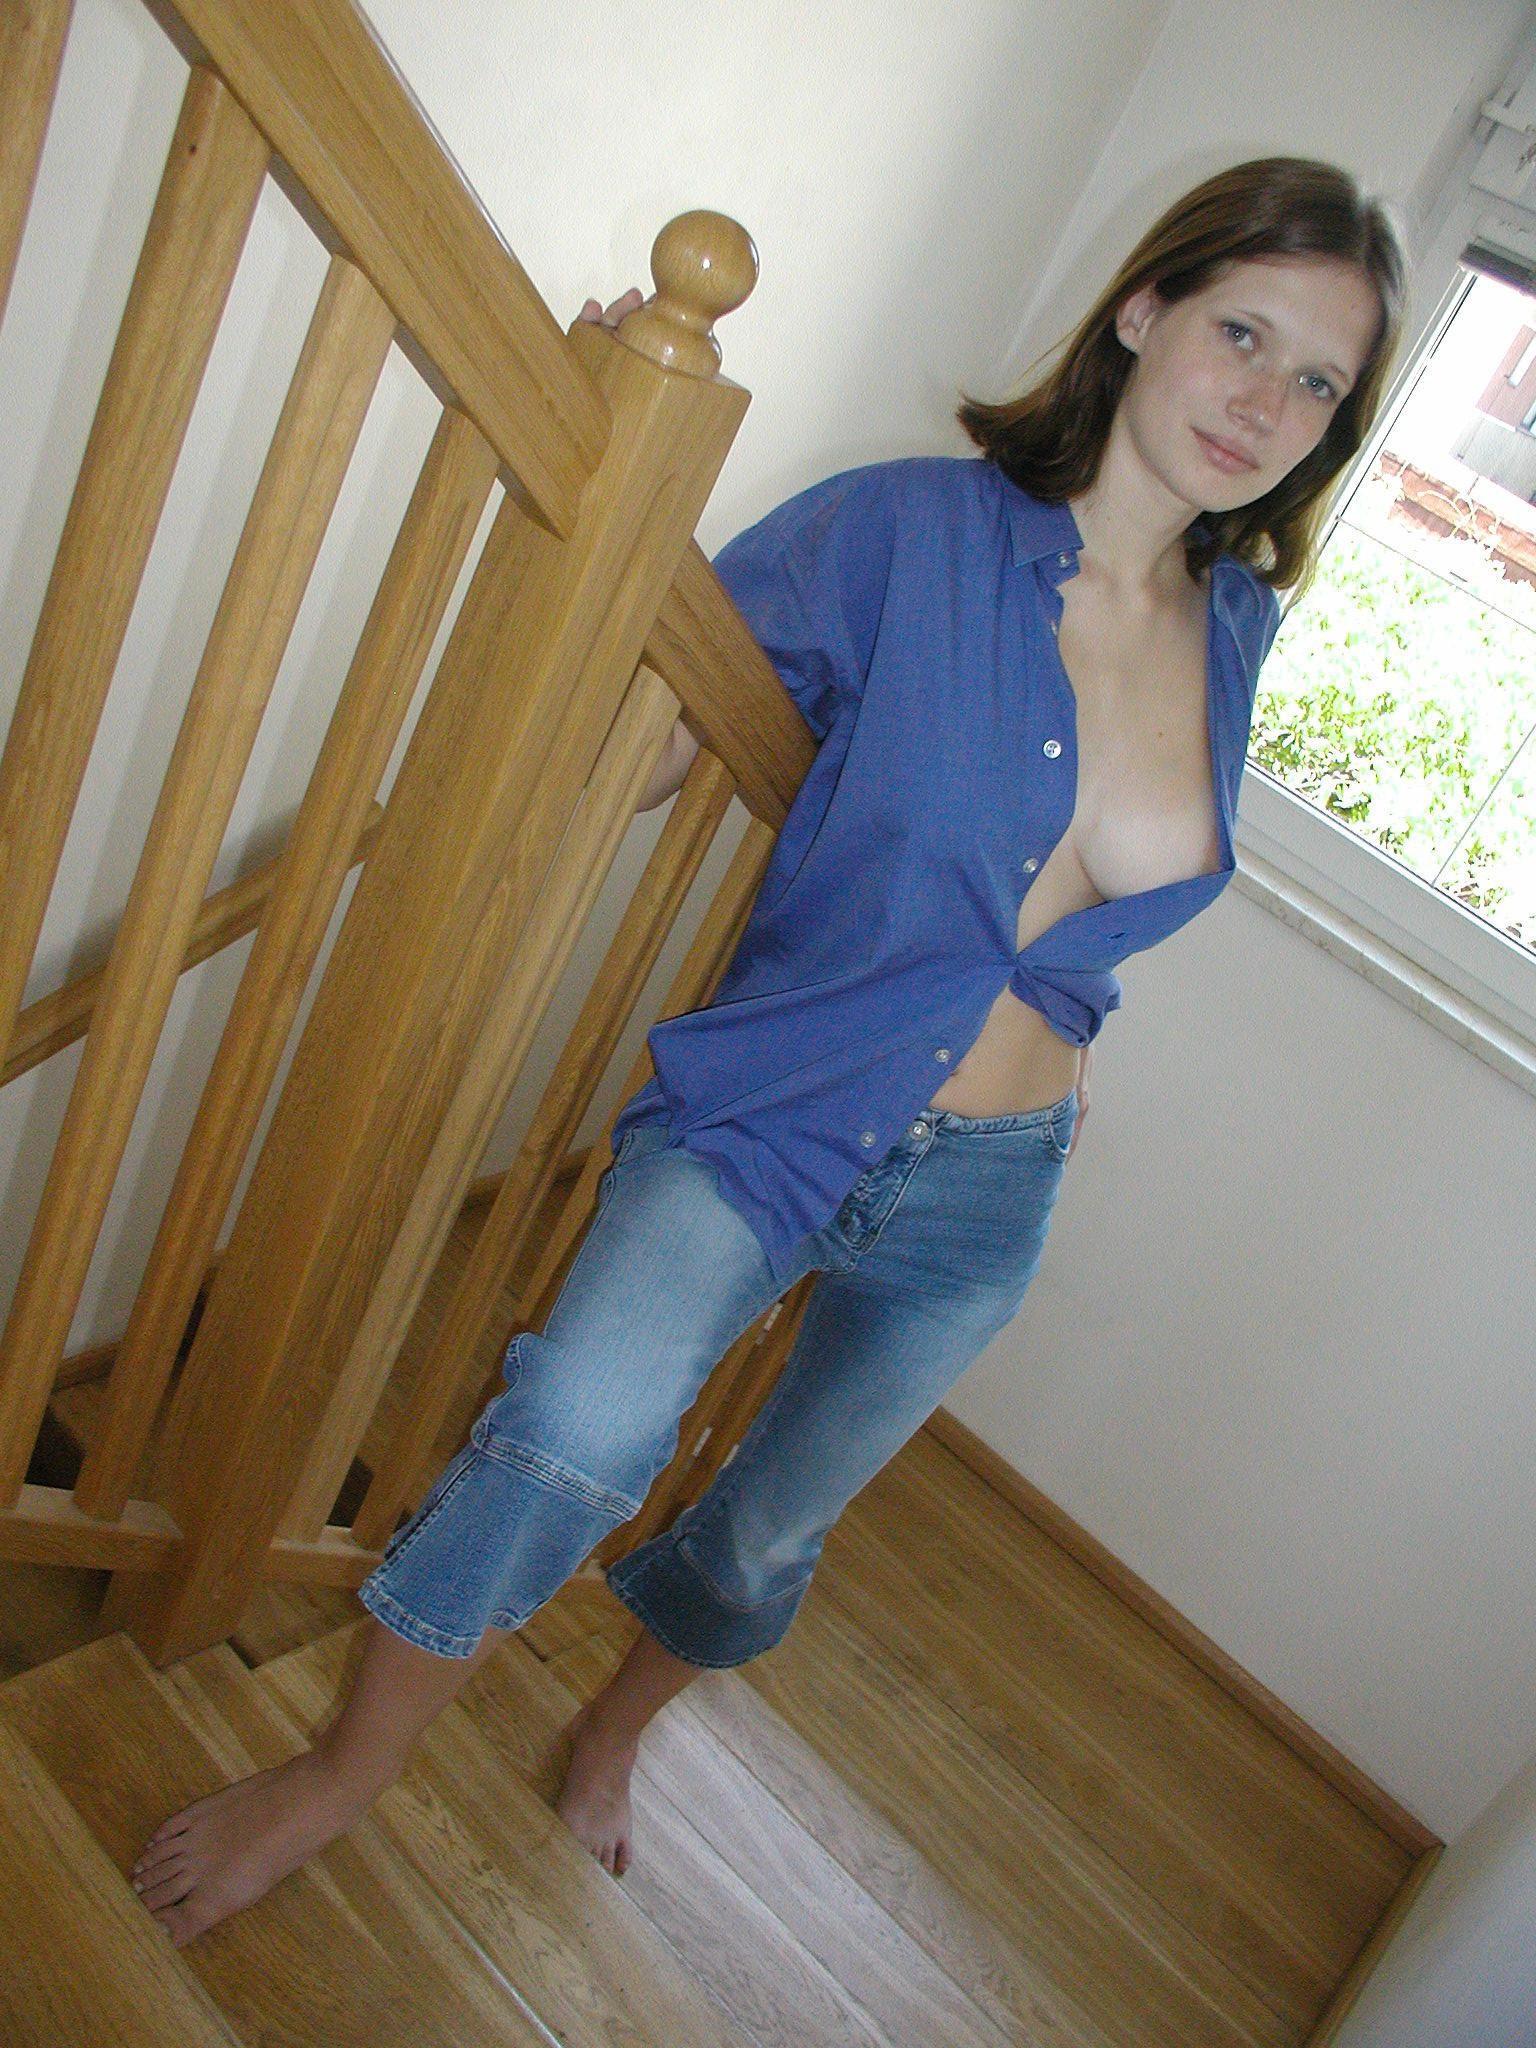 Стройная француженка с хорошей грудью часто обнажается в укромном месте